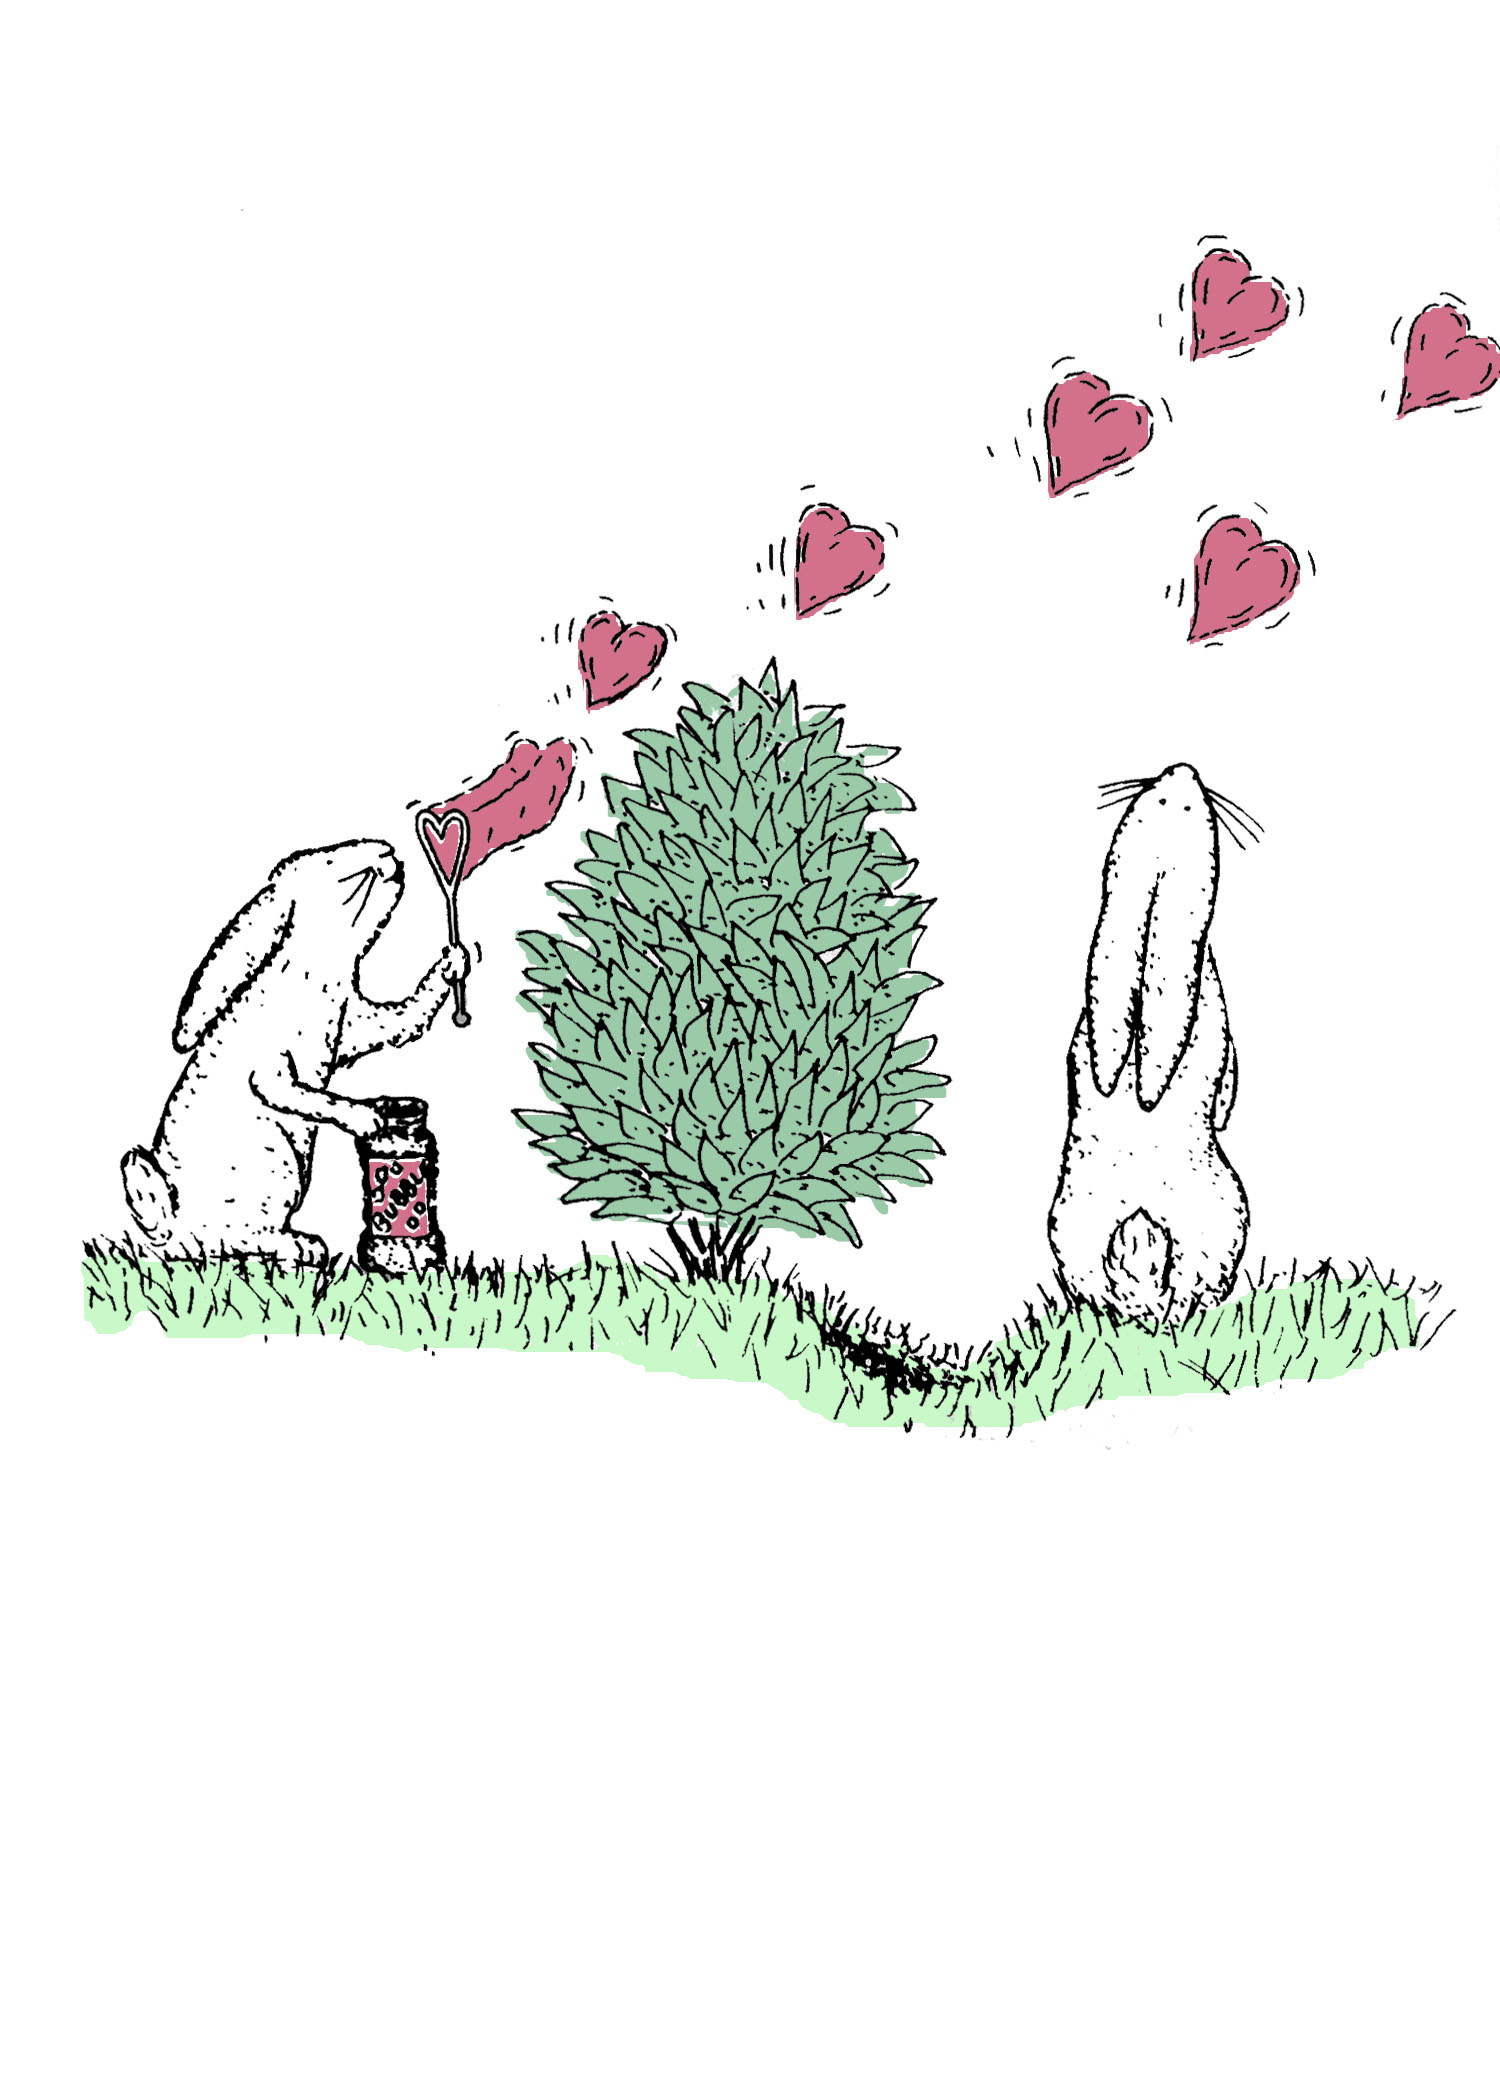 Bunny Bubbles by David DeWitt